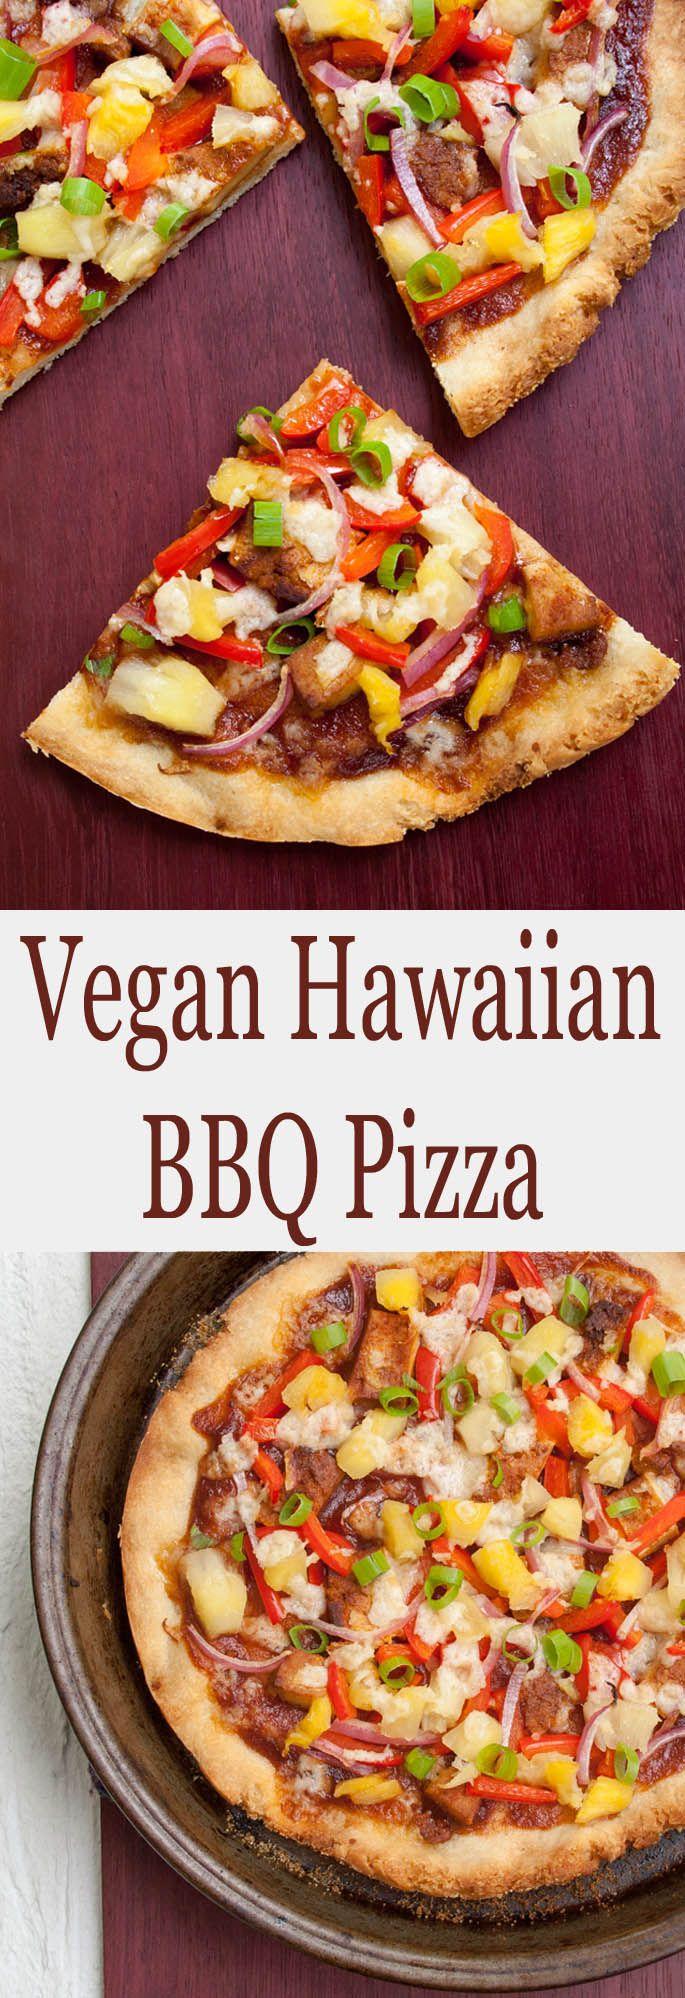 Vegan Hawaiian BBQ Pizza (vegana, sin gluten): esta pizza es dulce, picante y ...